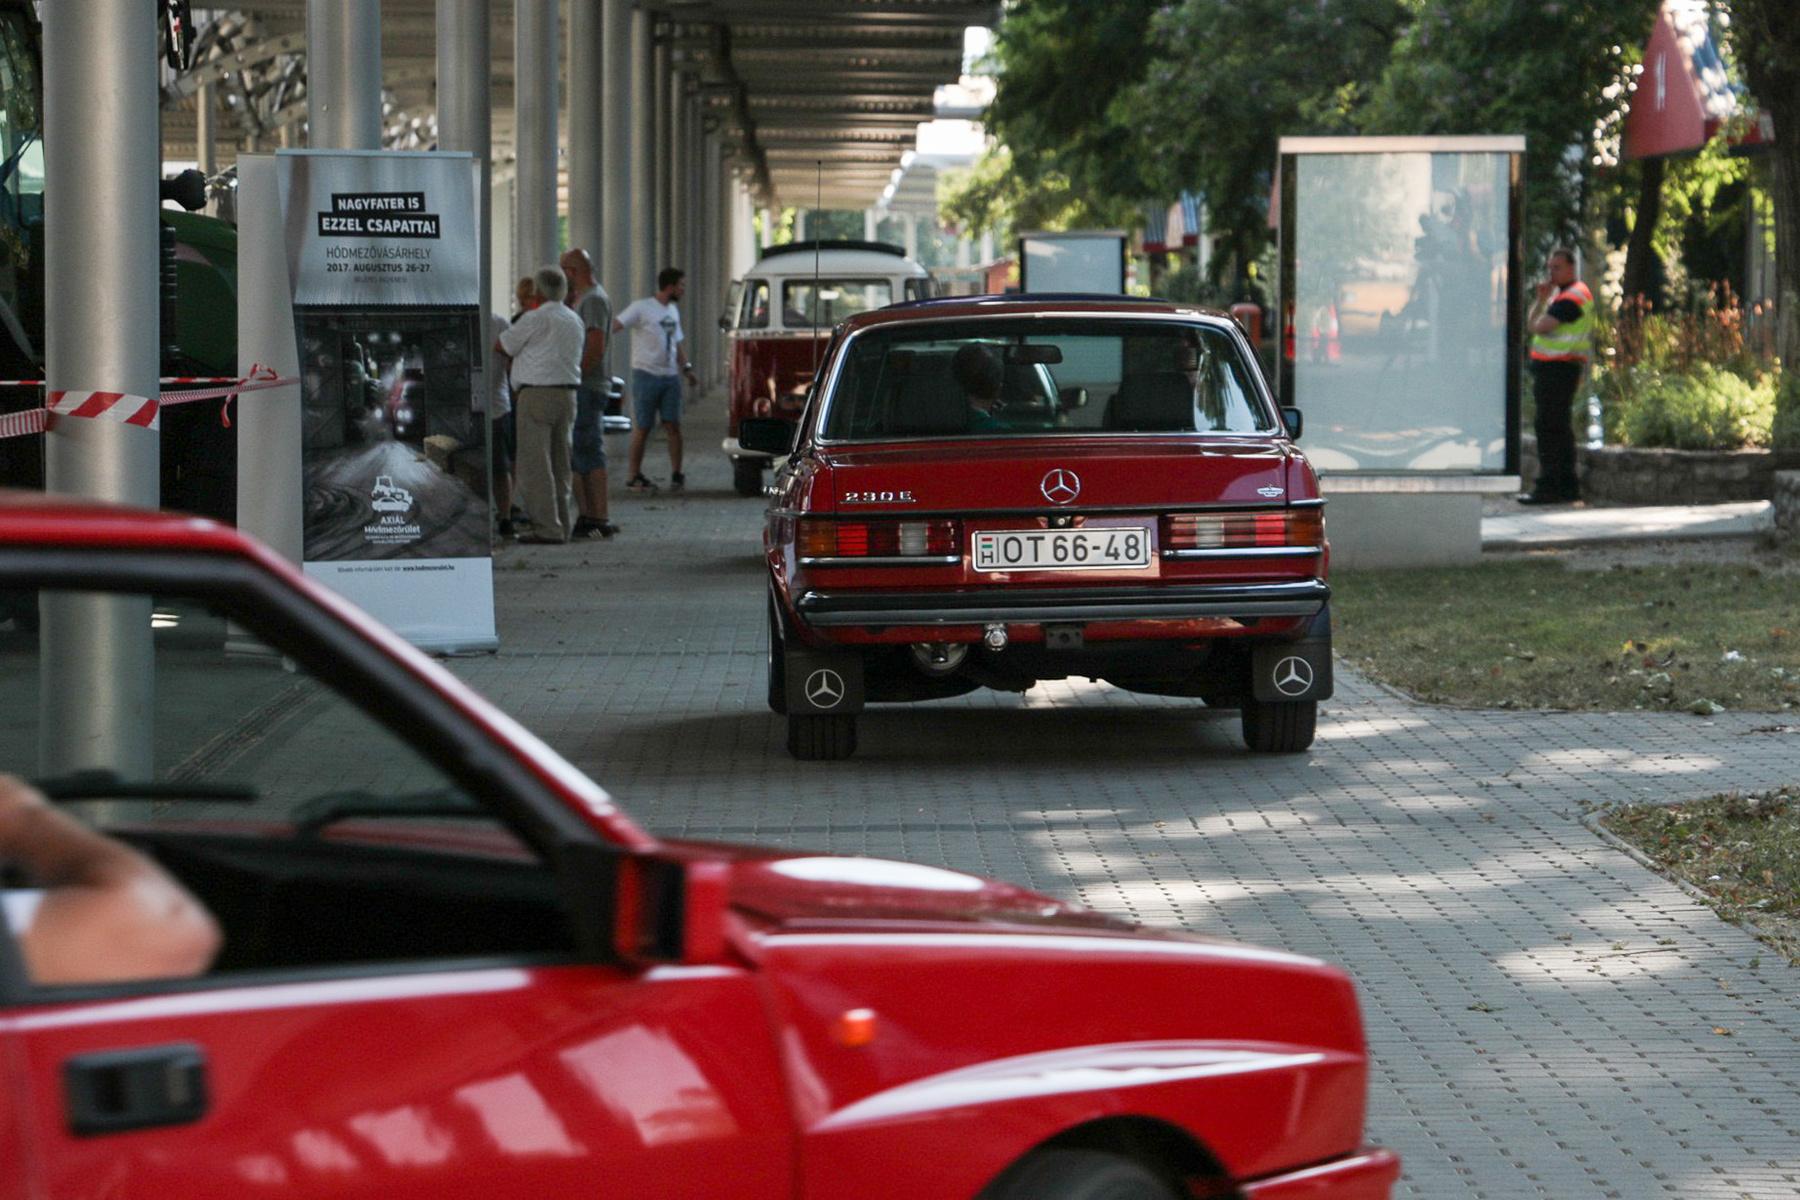 Sok vidám pillanatban volt része a pedálos Moszkivcsnak is